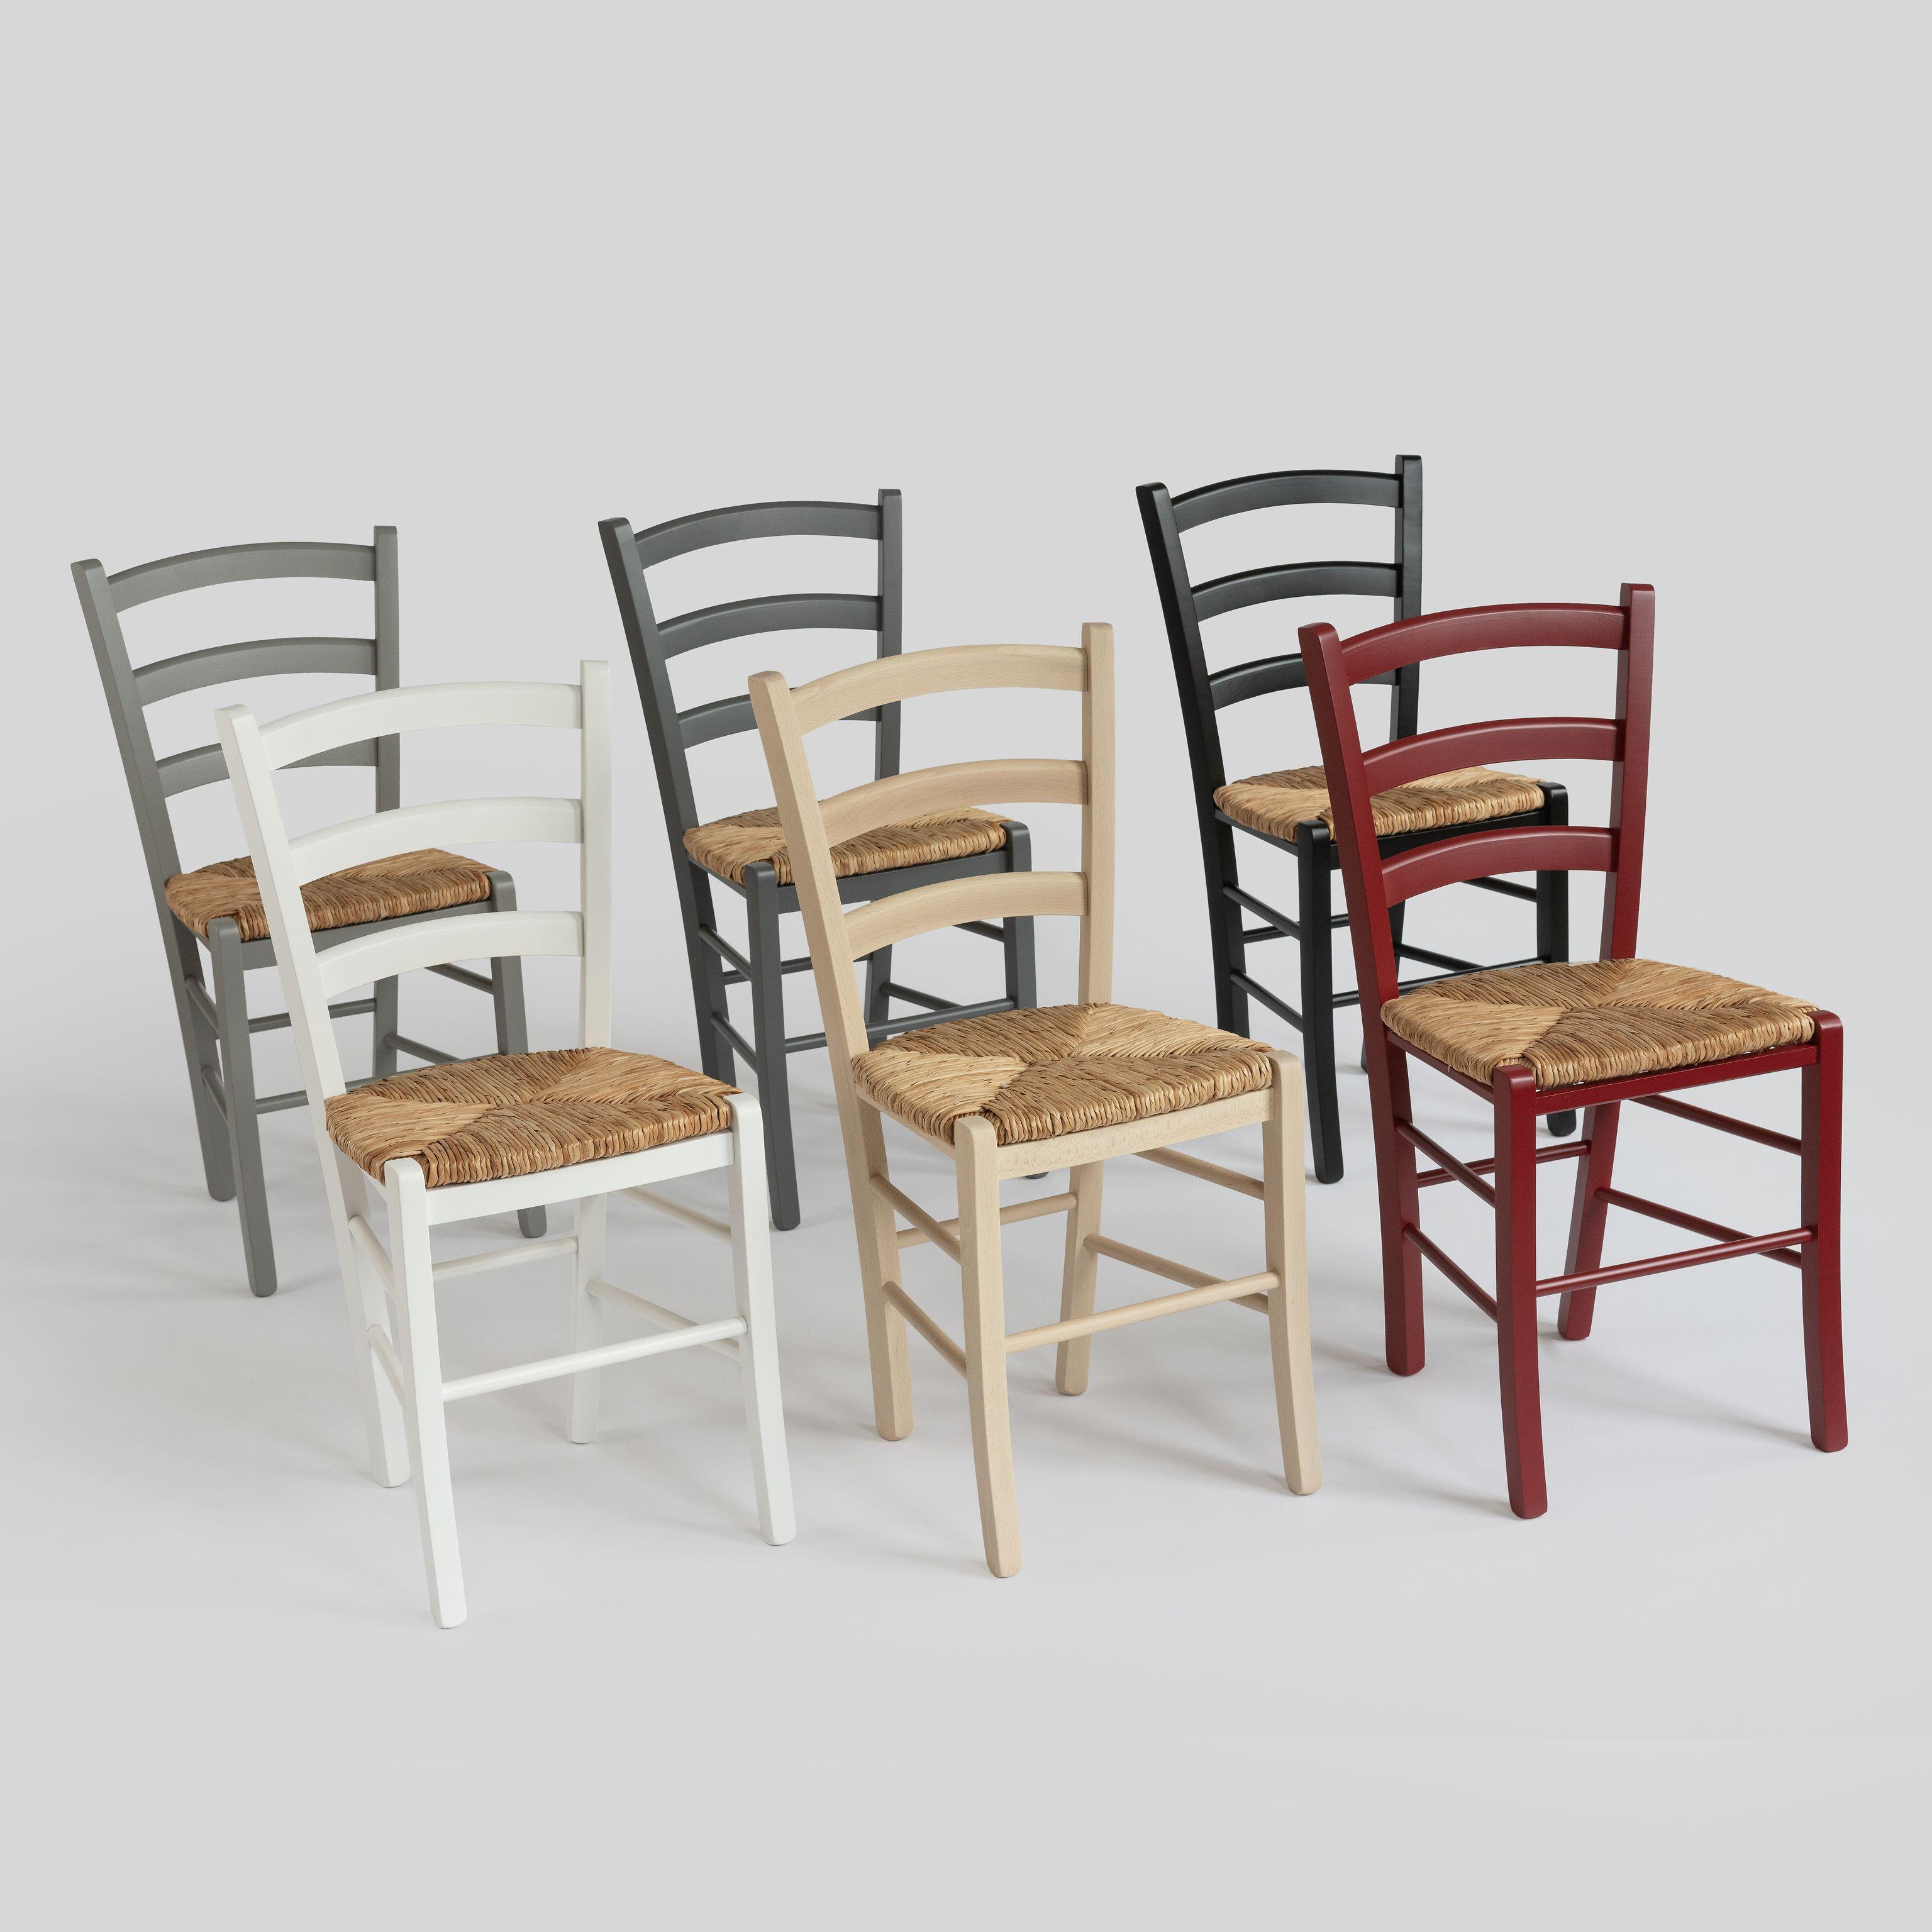 Binsengeflecht Stuhl Bei Torquato.de Kaufen